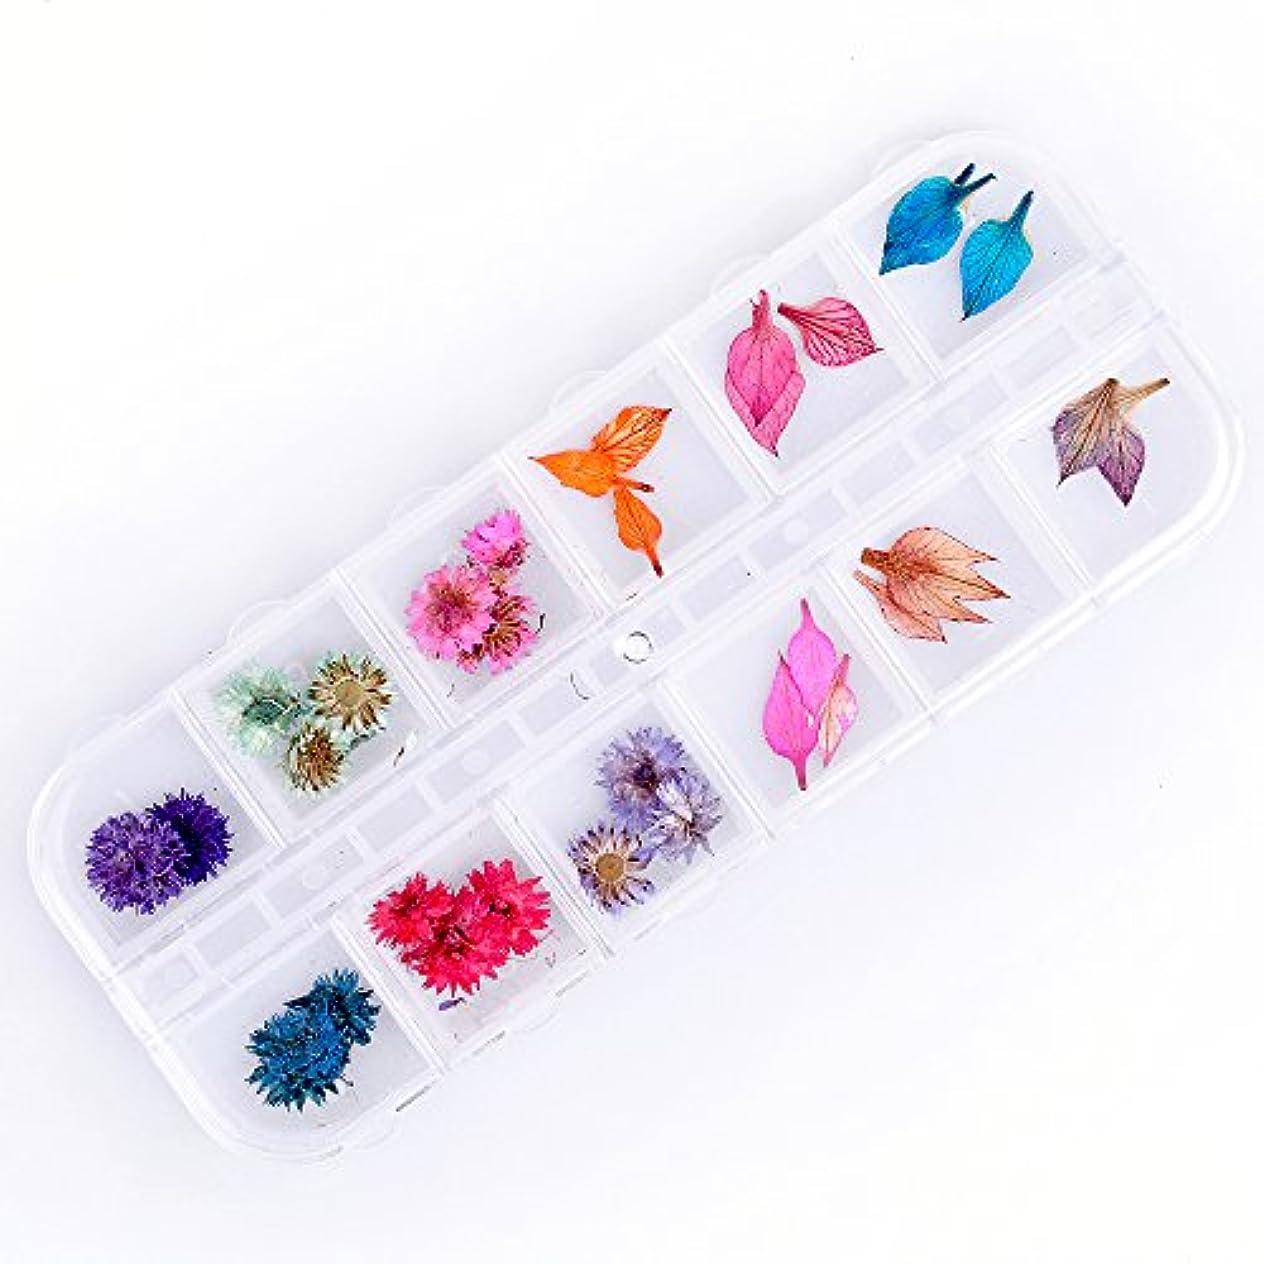 重要なとげくしゃくしゃTakarafune 押し花 ドライフラワー 葉 3Dネイル レジンデコレーション DIY ネイルパーツ 明収納ケース 2種類 各6色